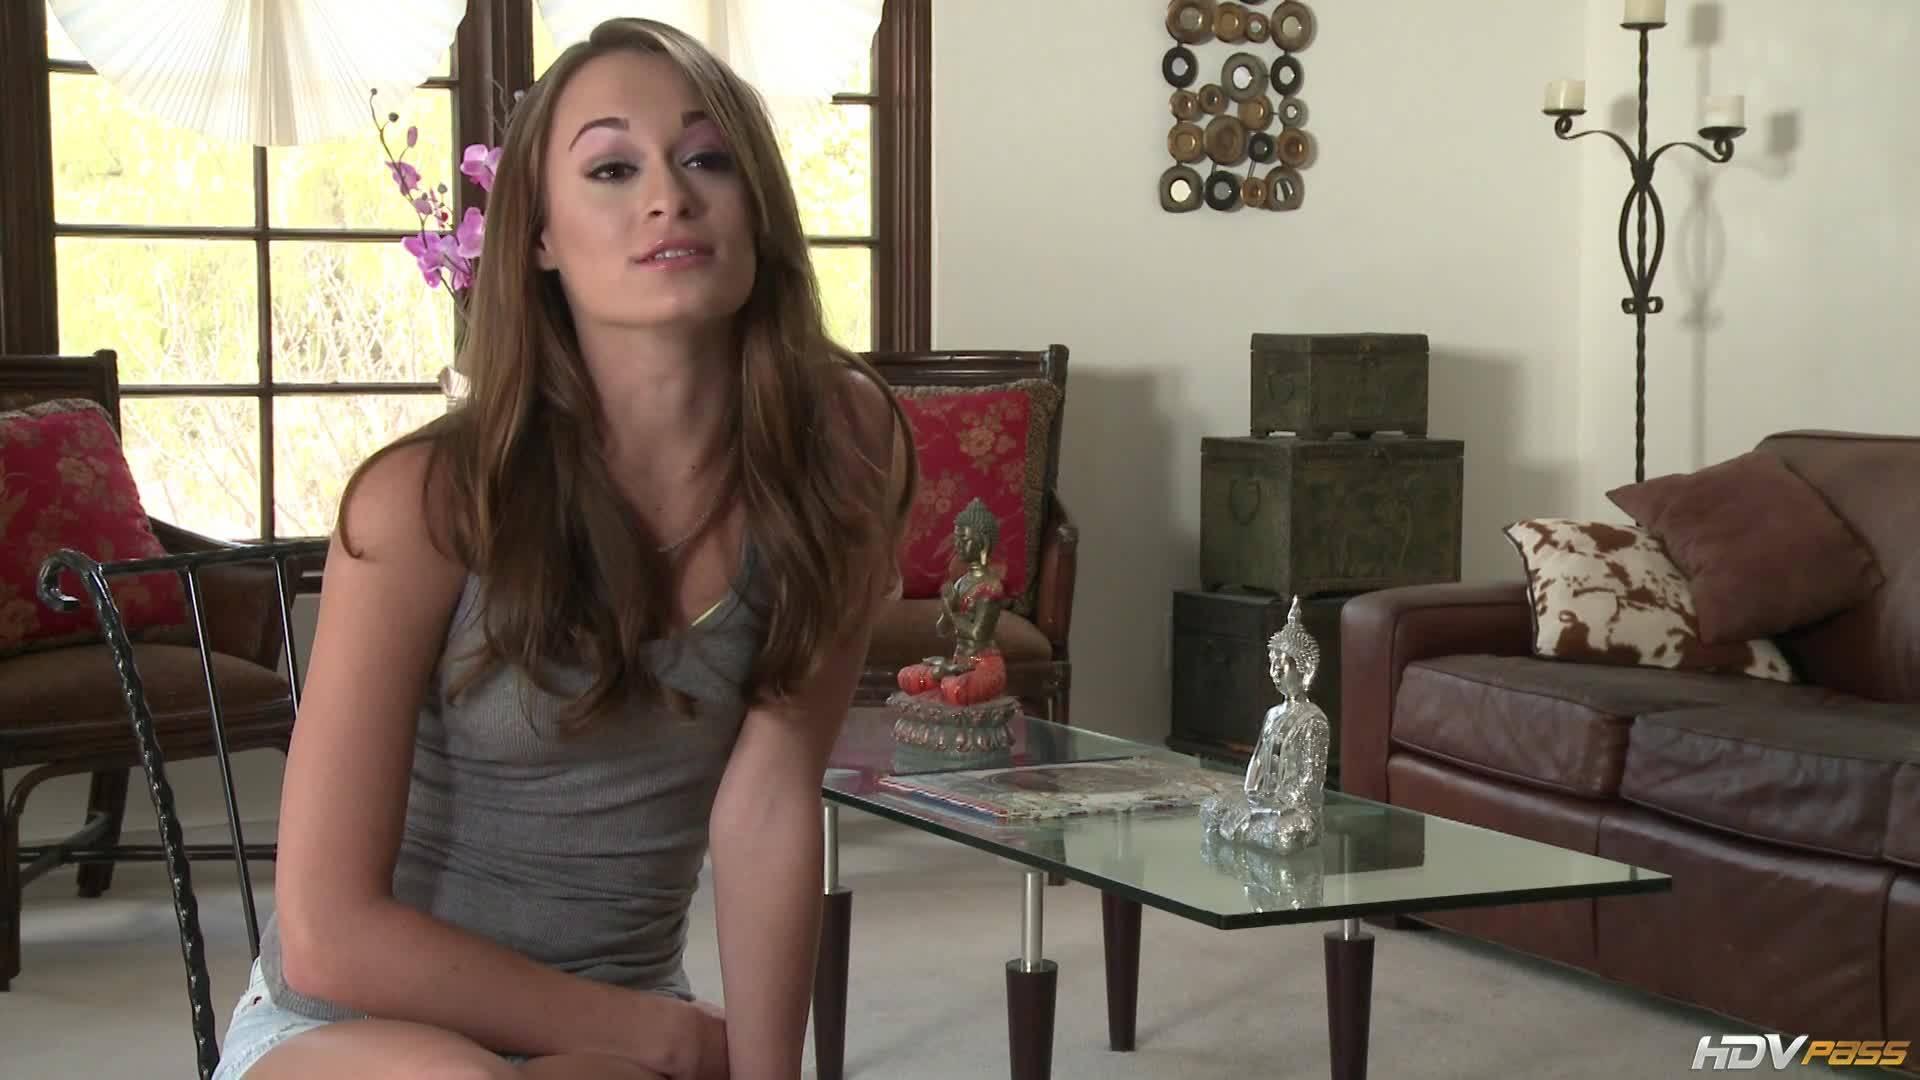 Парень трахает на диване красотку в разных позах, кончает ей в рот